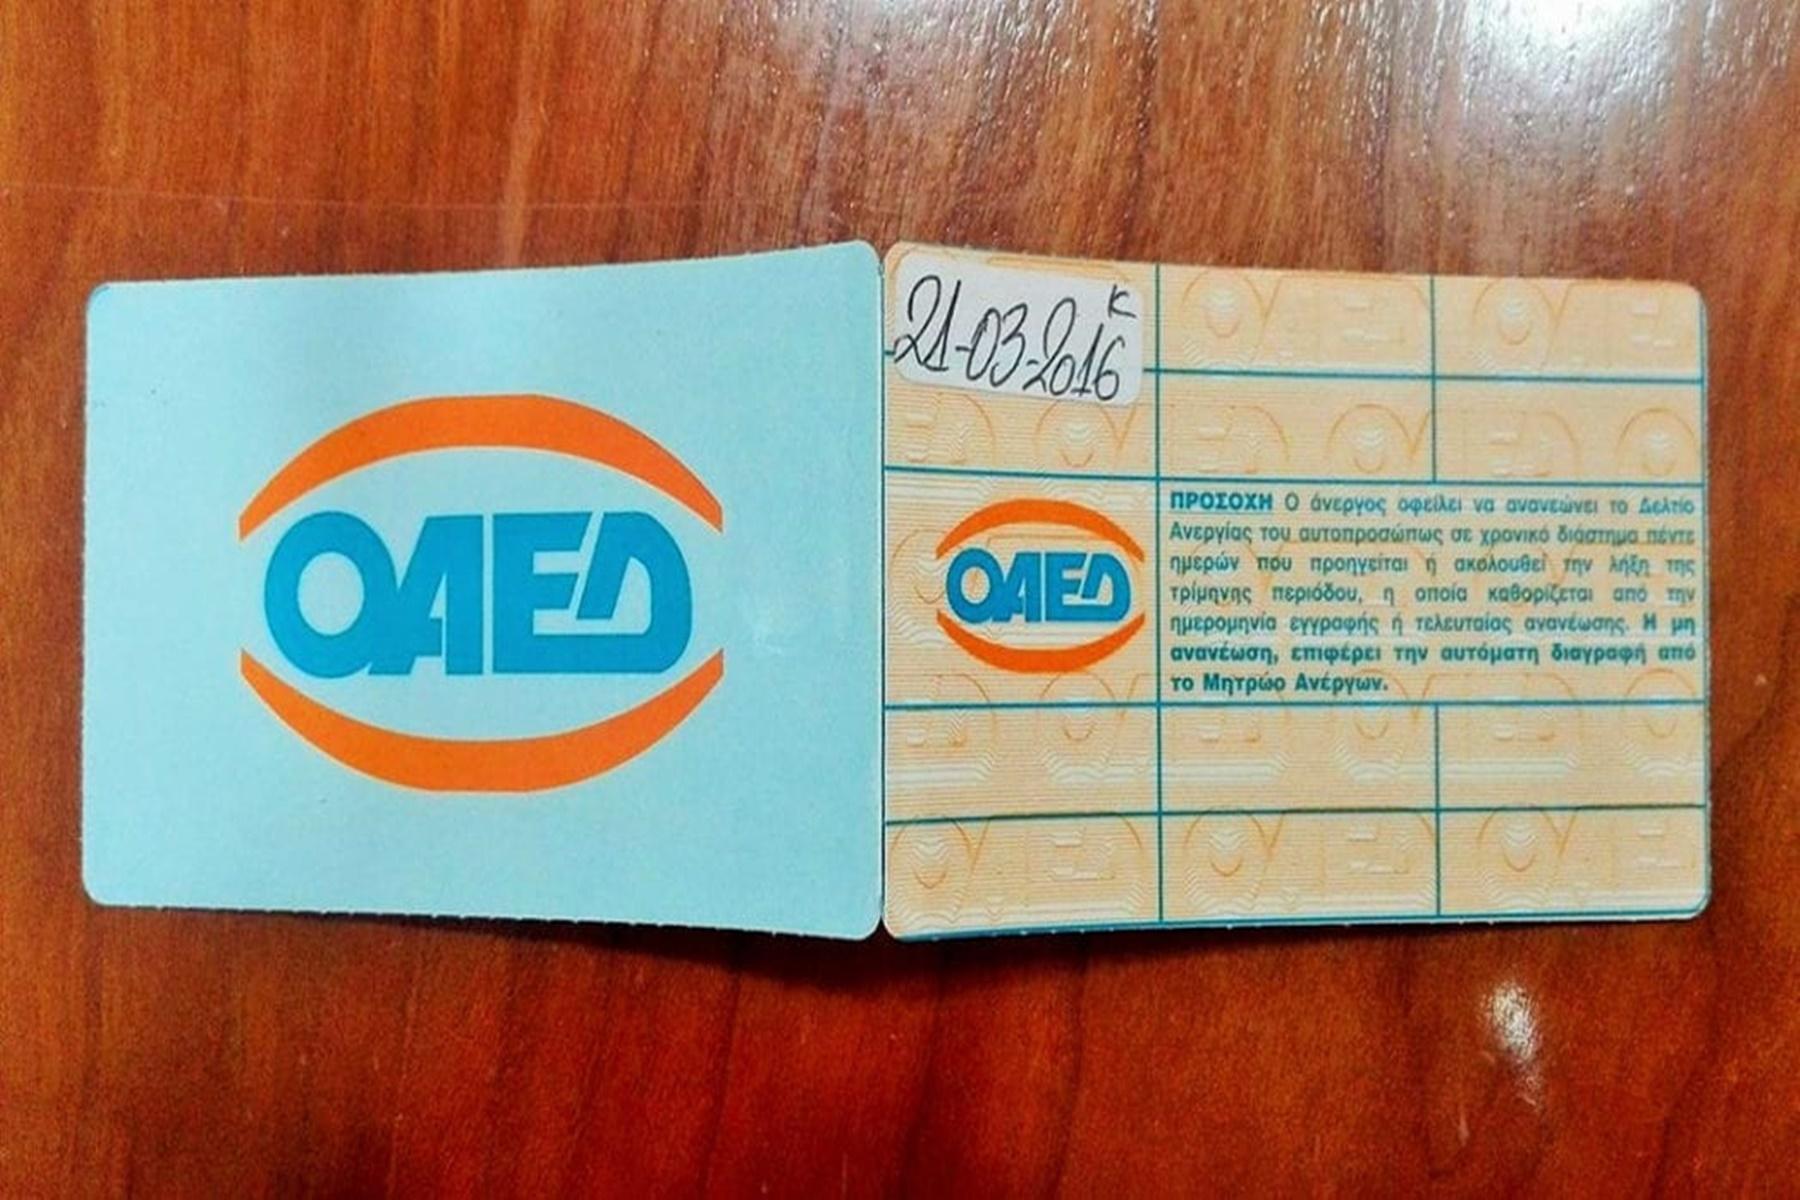 ΟΑΕΔ : Αιτήσεις για τα προγράμματα δεύτερης επιχειρηματικής ευκαιρίας